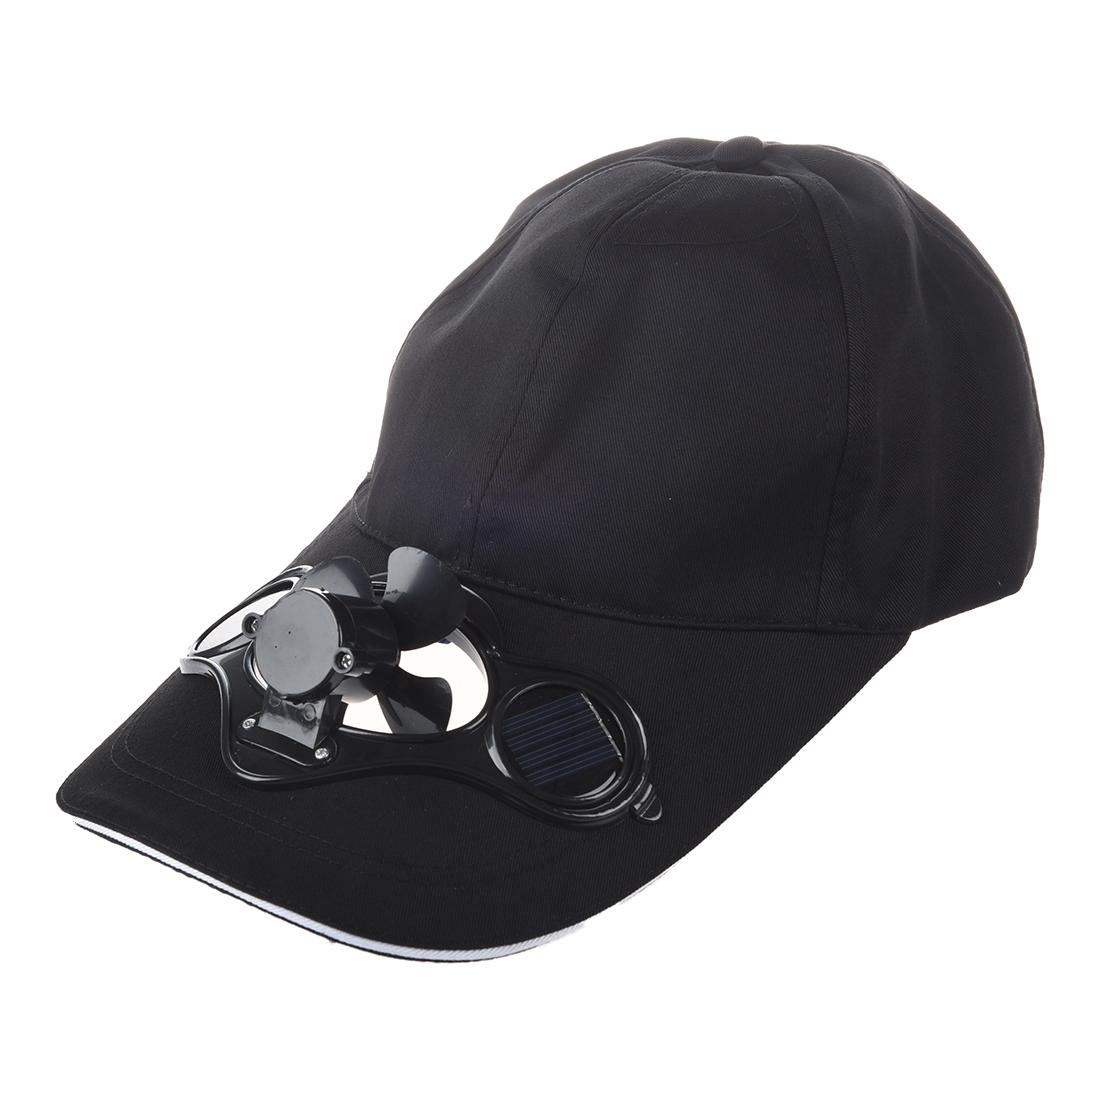 Solar Sun Power Hat Cap Cooling Cool Fan Black Y4o8